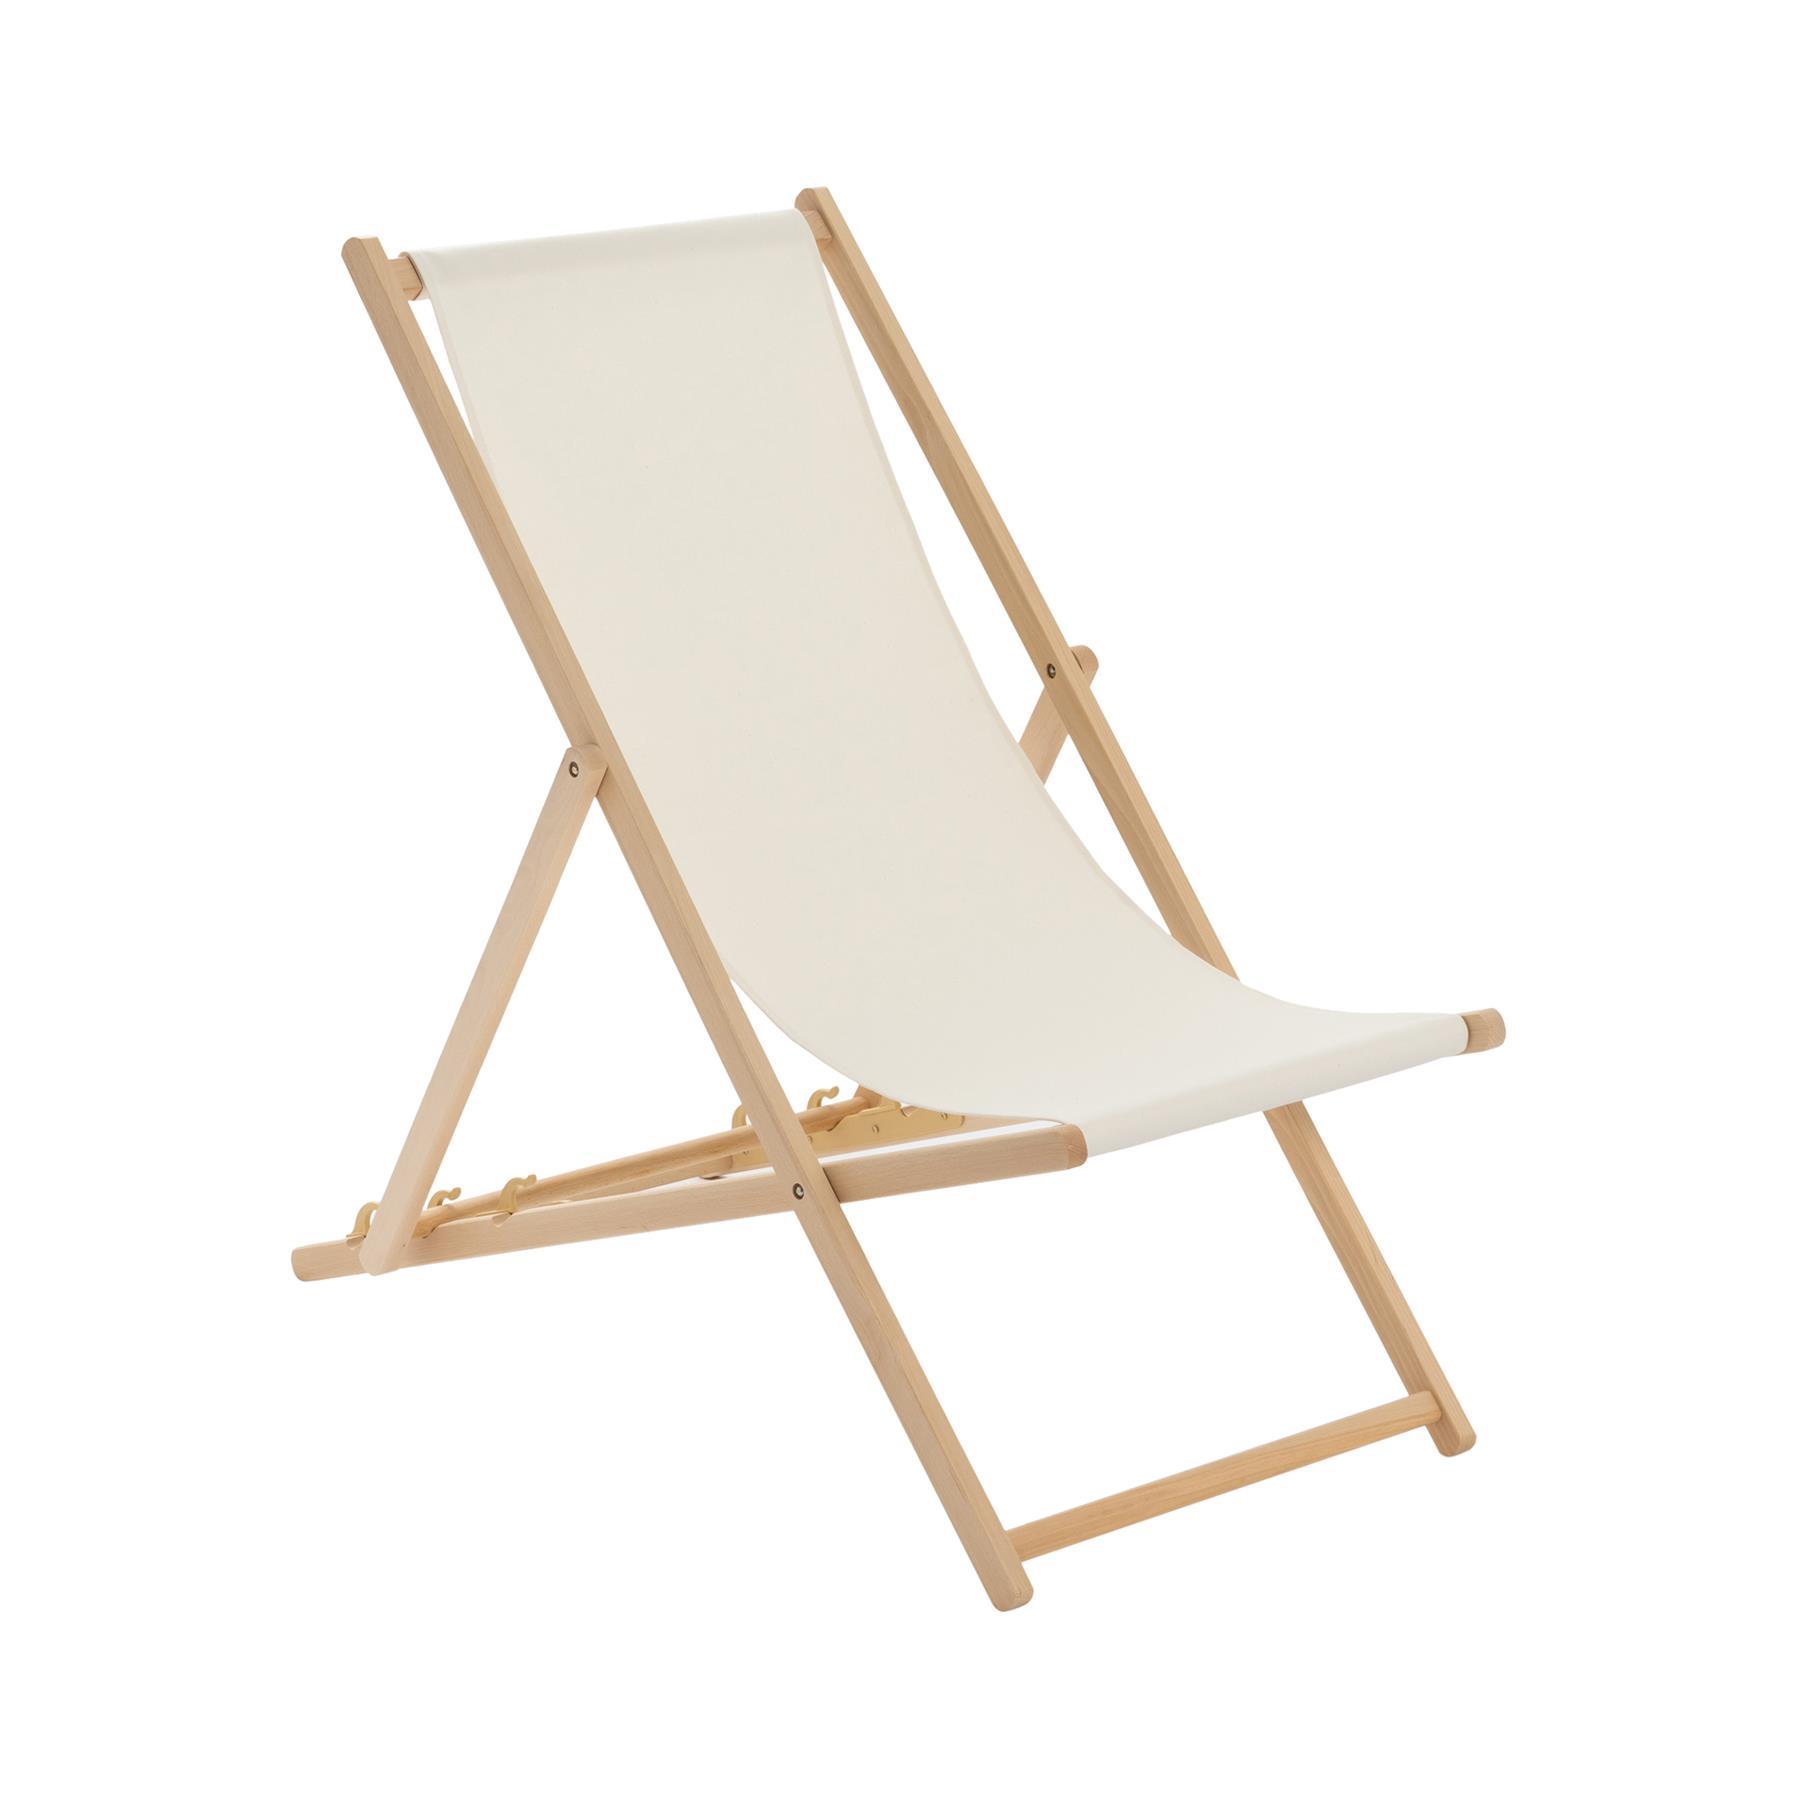 details sur chaise longue classique pliante en bois jardin plage mer chaise longue creme